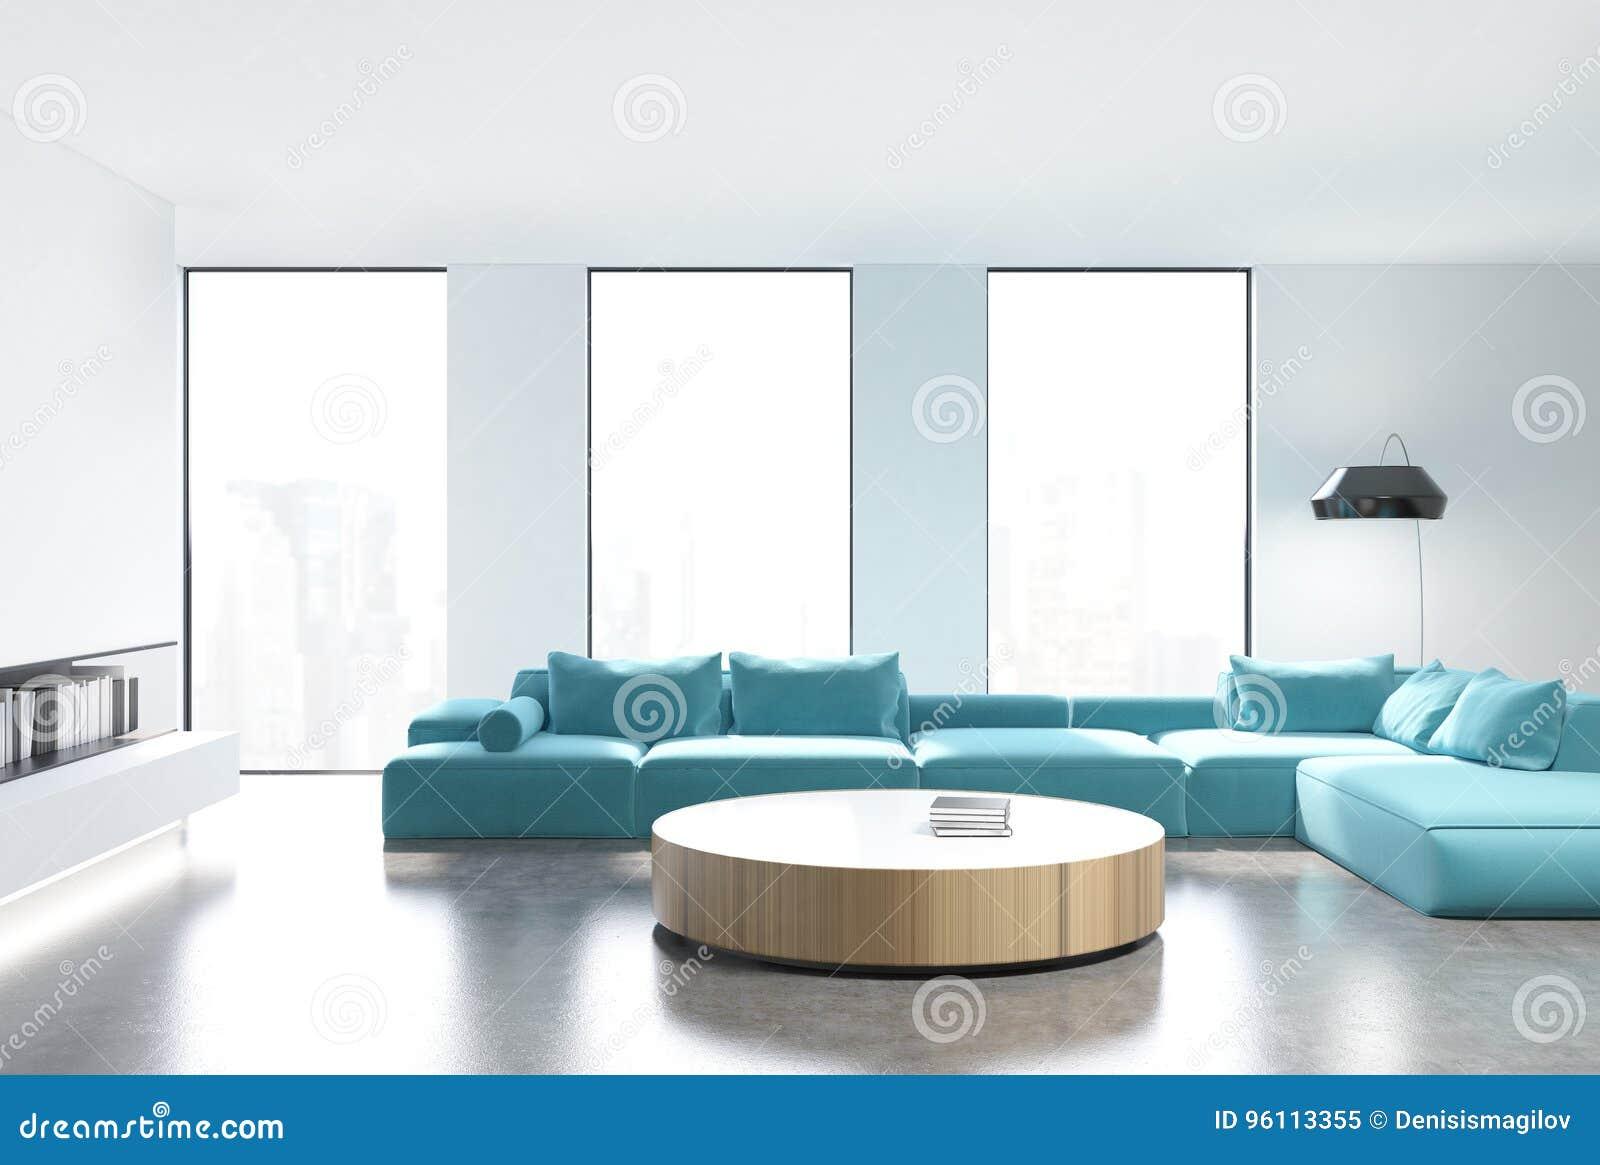 Lieblich Weißes Wohnzimmer Innen, Blaues Sofa, Vorder